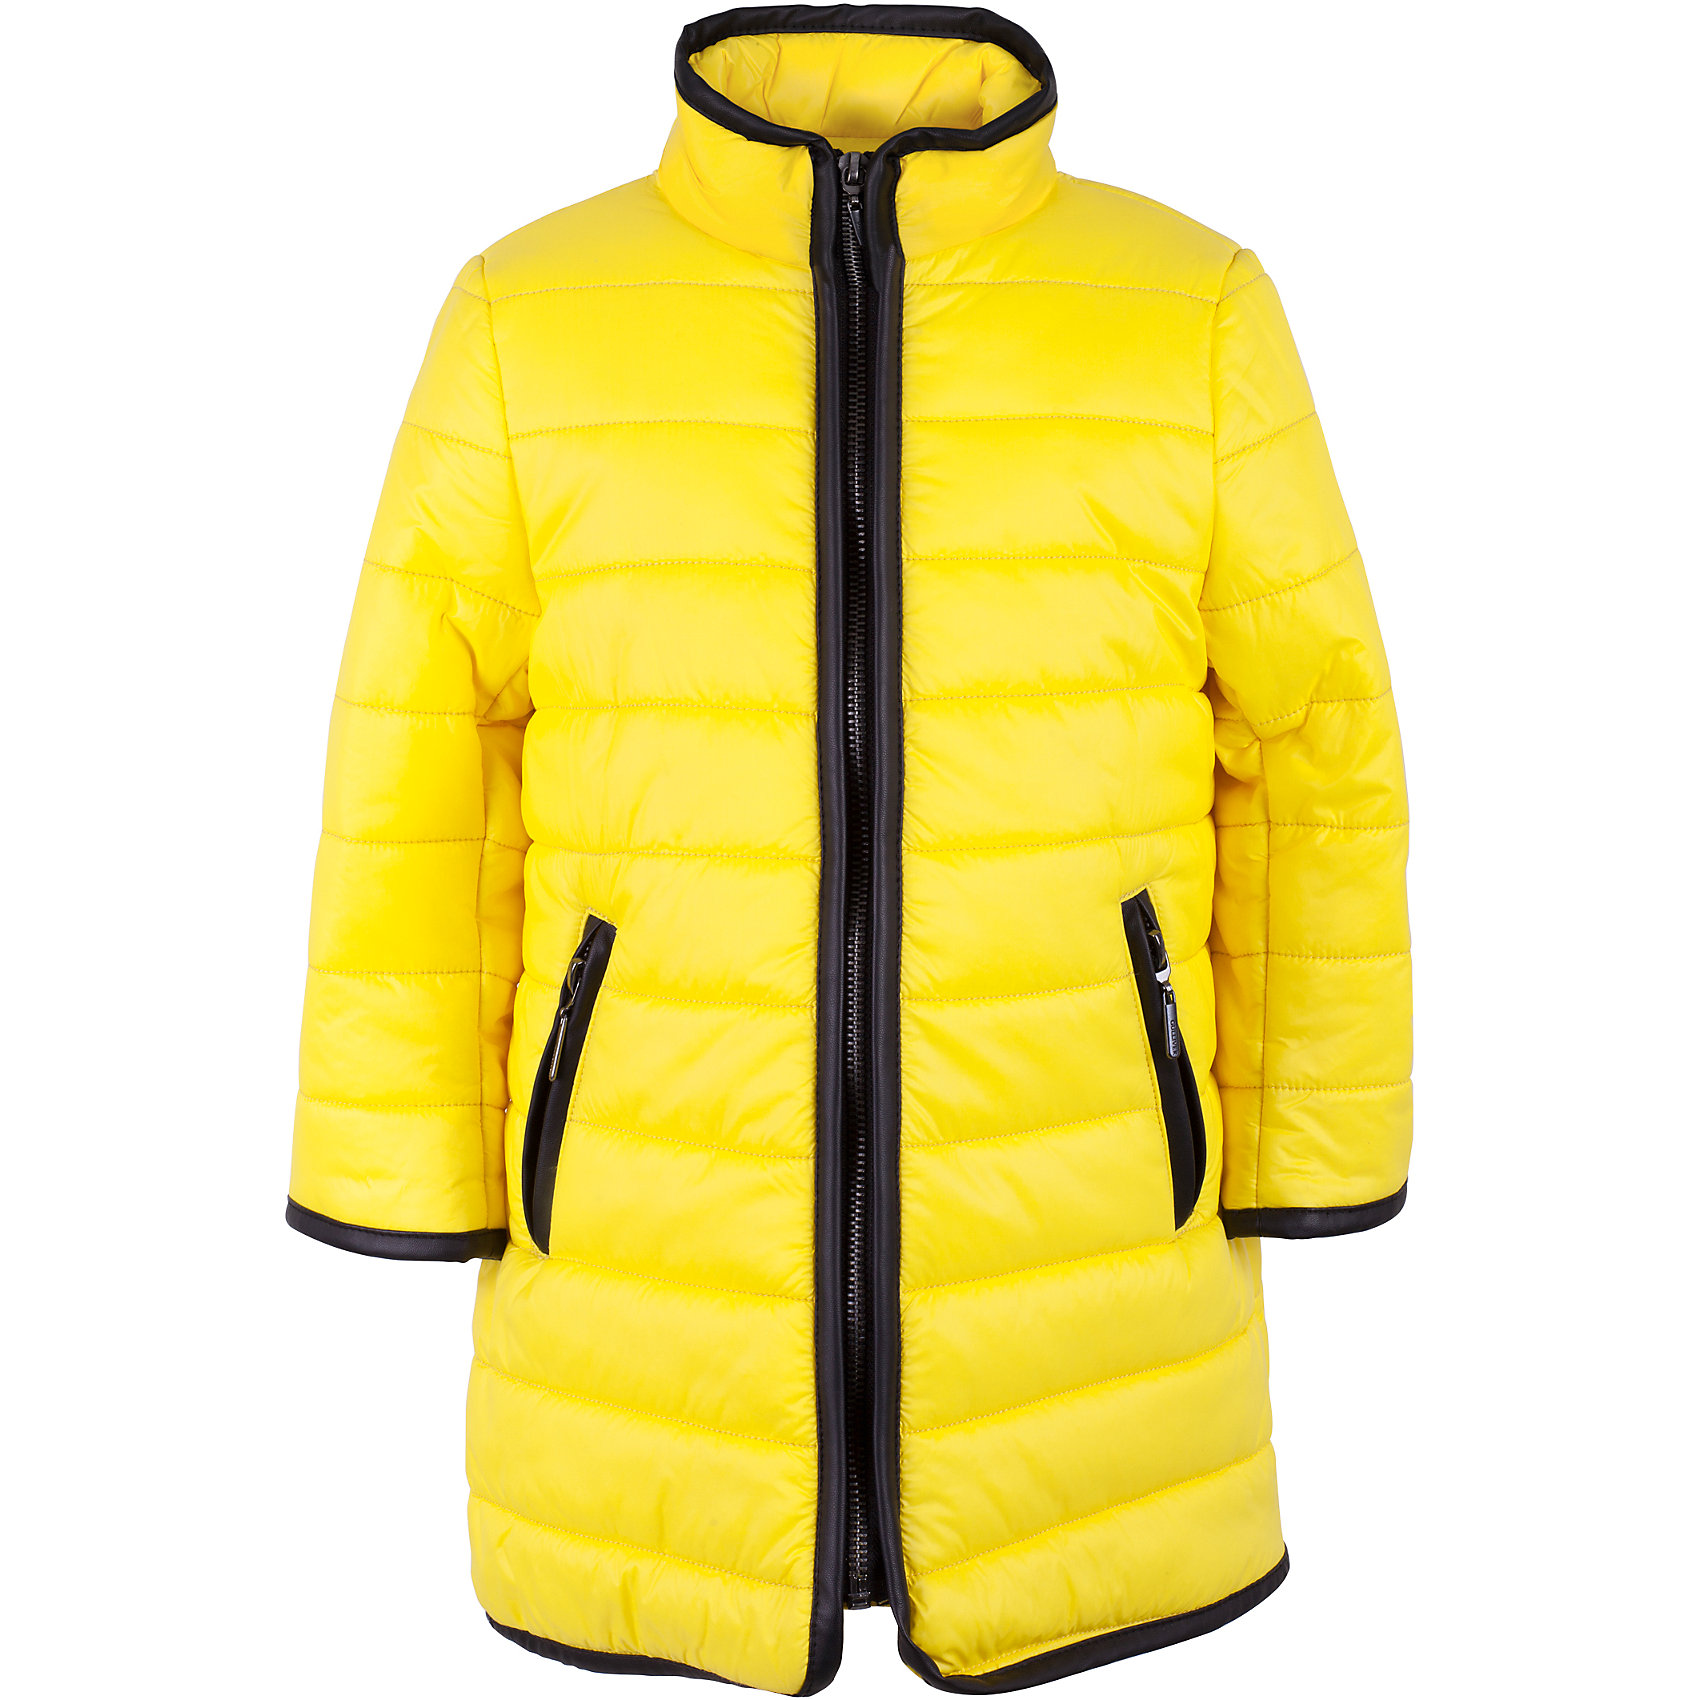 Пальто для девочки GulliverВерхняя одежда<br>Характеристики товара:<br><br>• цвет: жёлтый<br>• материал: 100% полиэстер<br>• подкладка: 50% хлопок 50% полиэстер<br>• утеплитель: 100% полиэстер 100 г/кв.м<br>• температурный режим: от +5°С до +15°С<br>• водоотталкивающая плащёвка<br>• застёжка: молния<br>• два кармана на молнии по бокам<br>• без капюшона<br>• высокий воротник-стойка<br>• сезон: демисезон<br>• страна бренда: Российская Федерация<br>• страна производства: Китай<br><br>Утеплённое пальто для девочки из коллекции Ромашки от бренда Гулливер. Пальто яркого жёлтого цвета с контрастной чёрной отделкой. Подкладка из мягкого трикотажа. Пальто отлично защити от ветра и непогоды в межсезонье.<br><br>Пальто для девочки от известного бренда Gulliver можно купить в нашем интернет-магазине.<br><br>Ширина мм: 356<br>Глубина мм: 10<br>Высота мм: 245<br>Вес г: 519<br>Цвет: желтый<br>Возраст от месяцев: 24<br>Возраст до месяцев: 36<br>Пол: Женский<br>Возраст: Детский<br>Размер: 104,110,116,98<br>SKU: 5483574